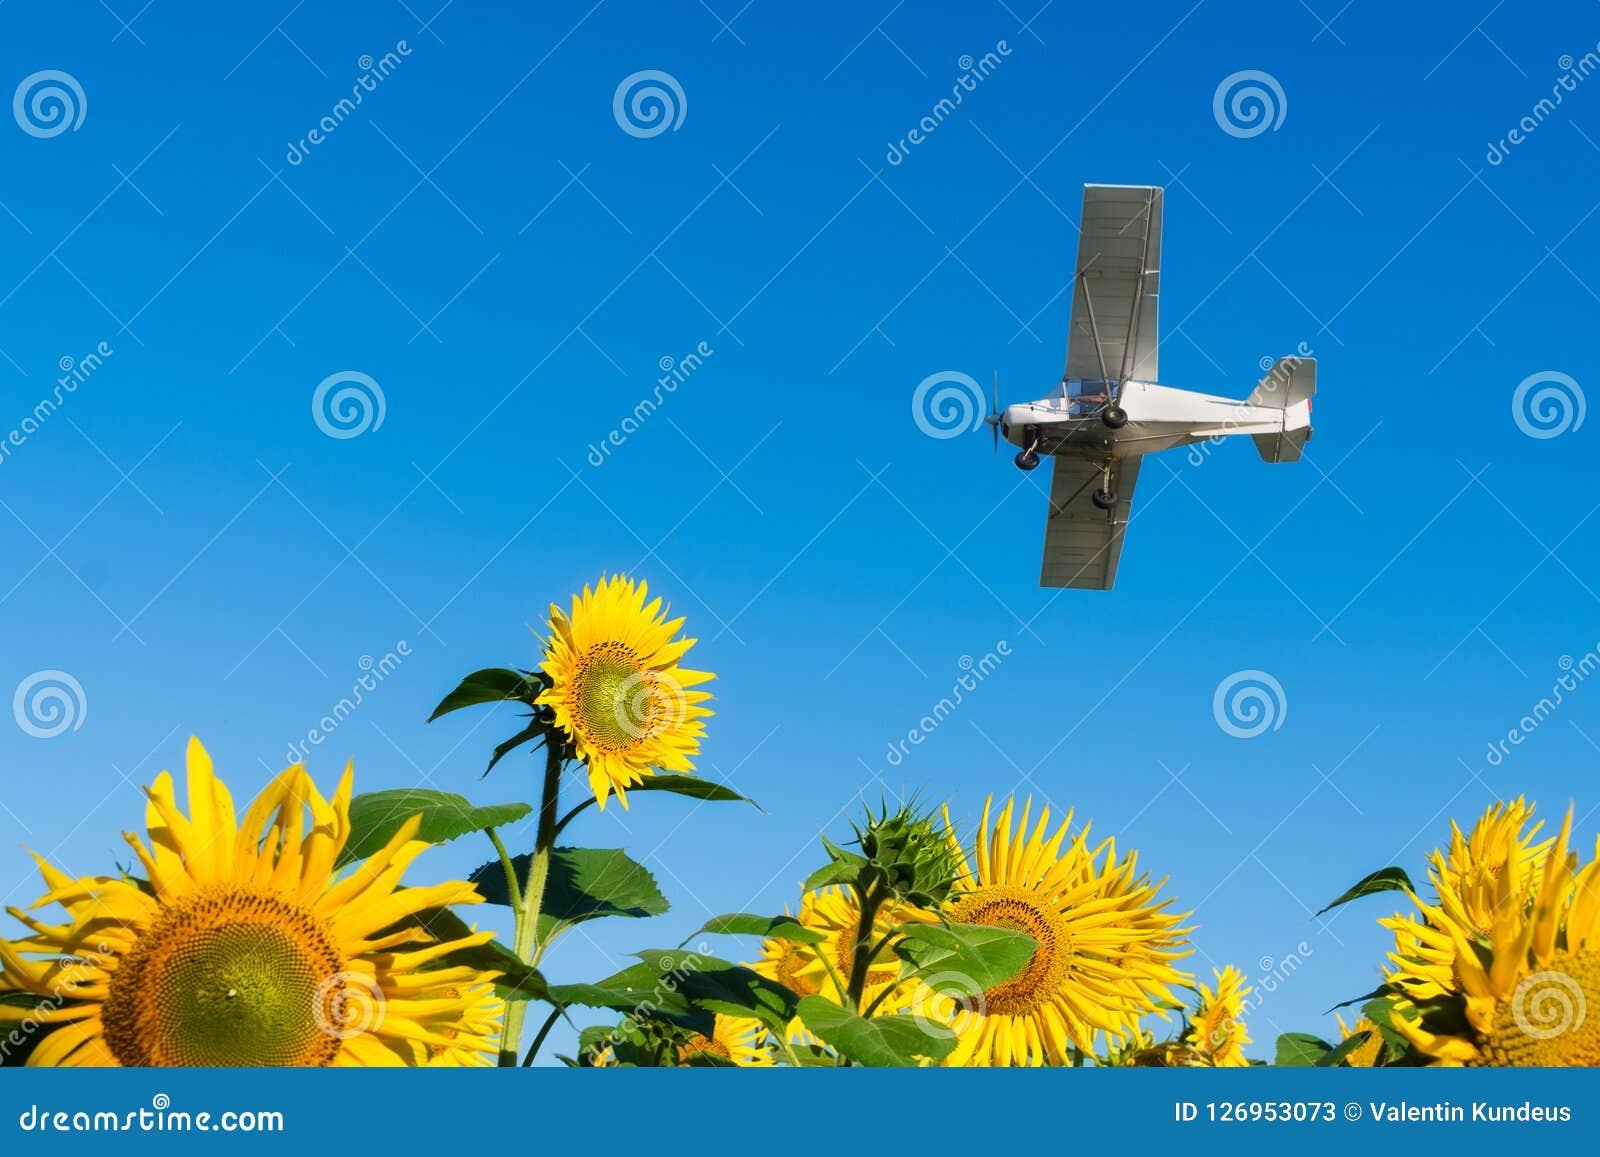 L avion vole au-dessus du champ des tournesols Usines de fertilisation Pulvérisation des pesticides de l air Les affaires agraire